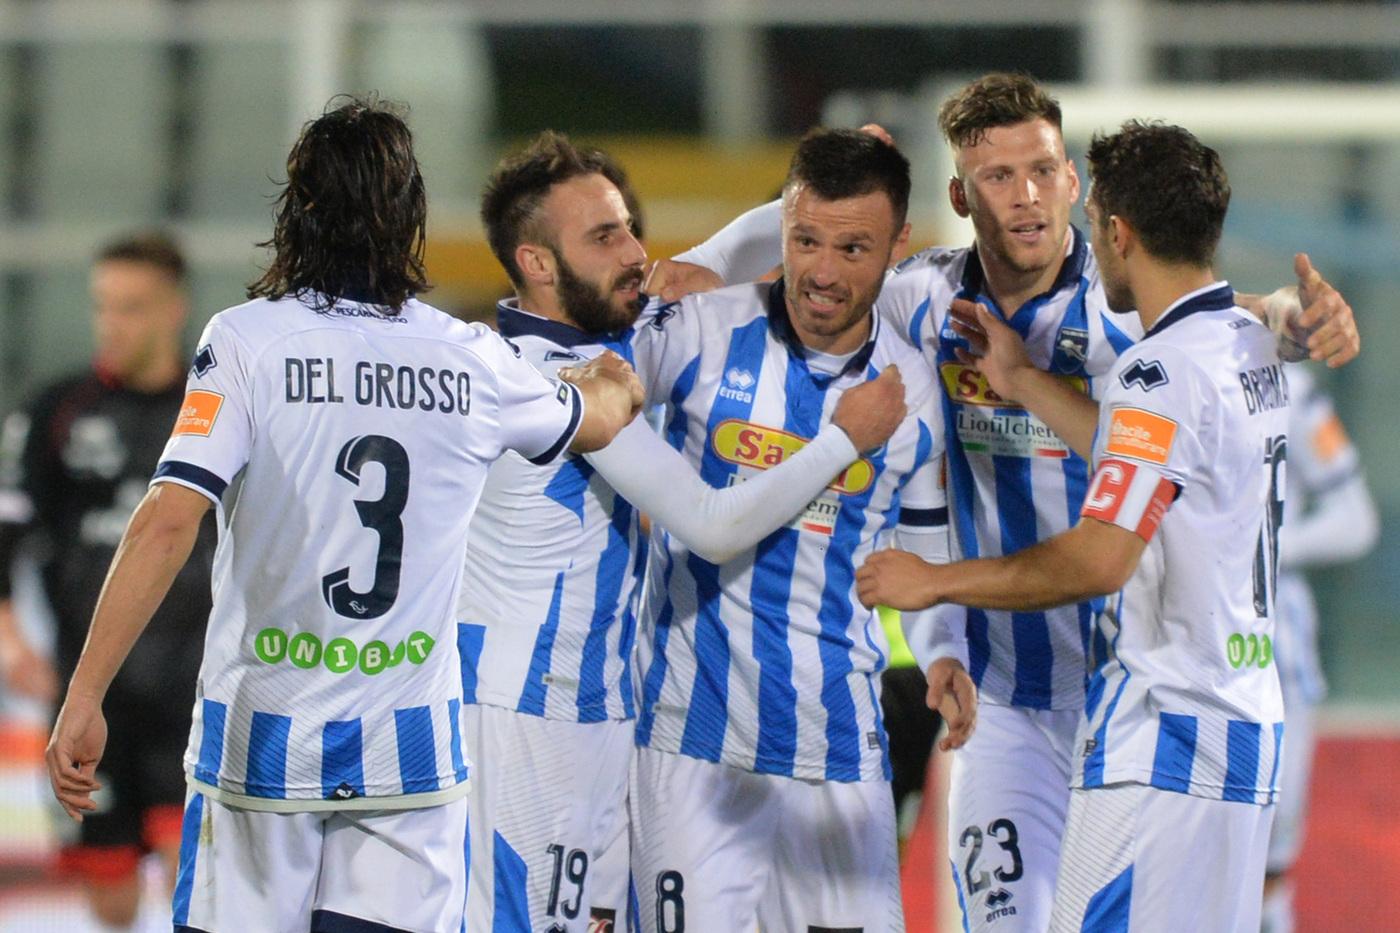 Pescara-Mantova 11 agosto 2019: il pronostico di Coppa Italia